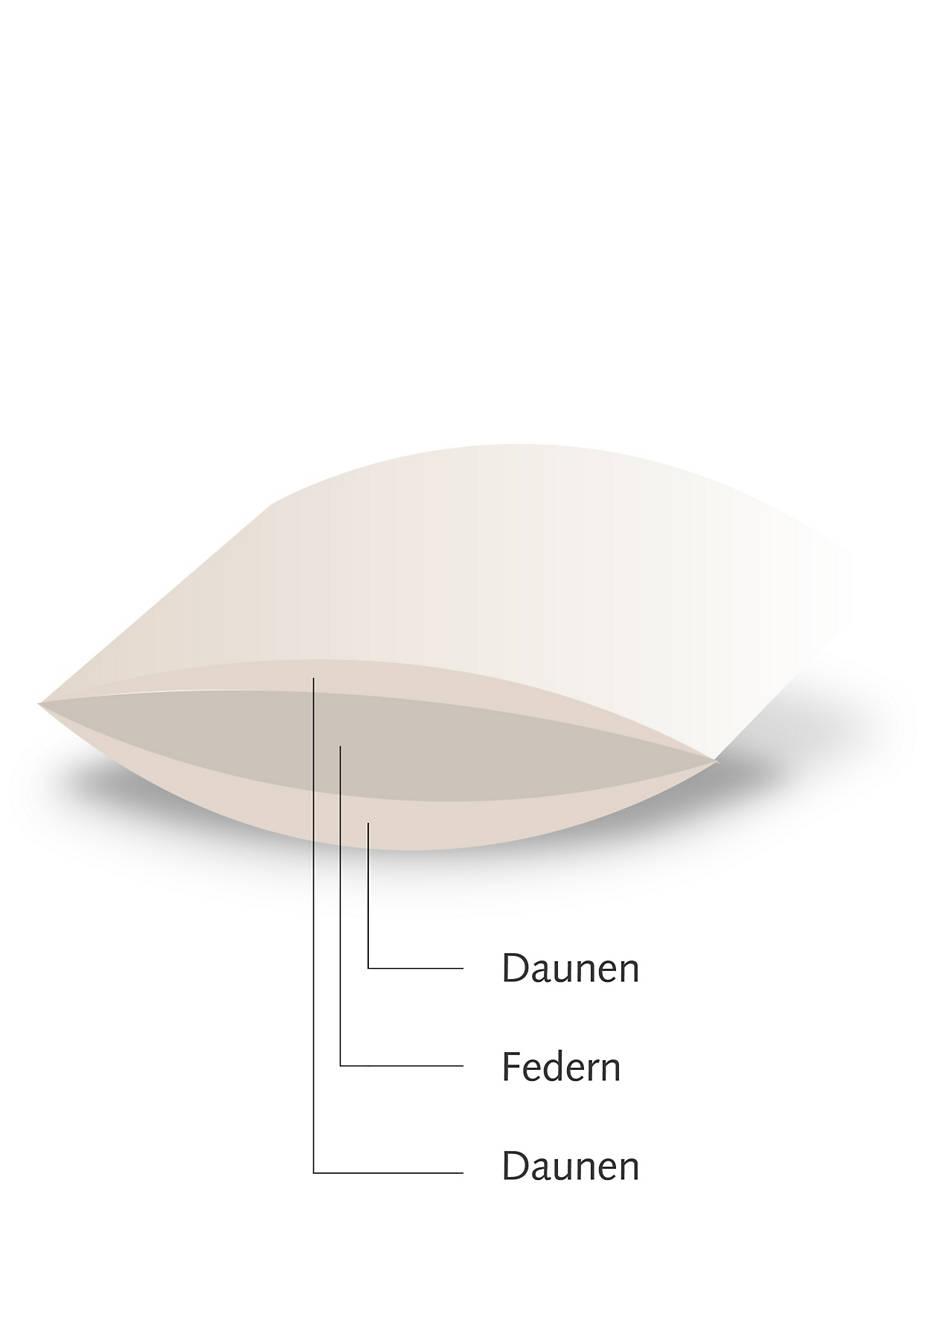 3-Kammer-Kopfkissen mit fairer Daune und Federn